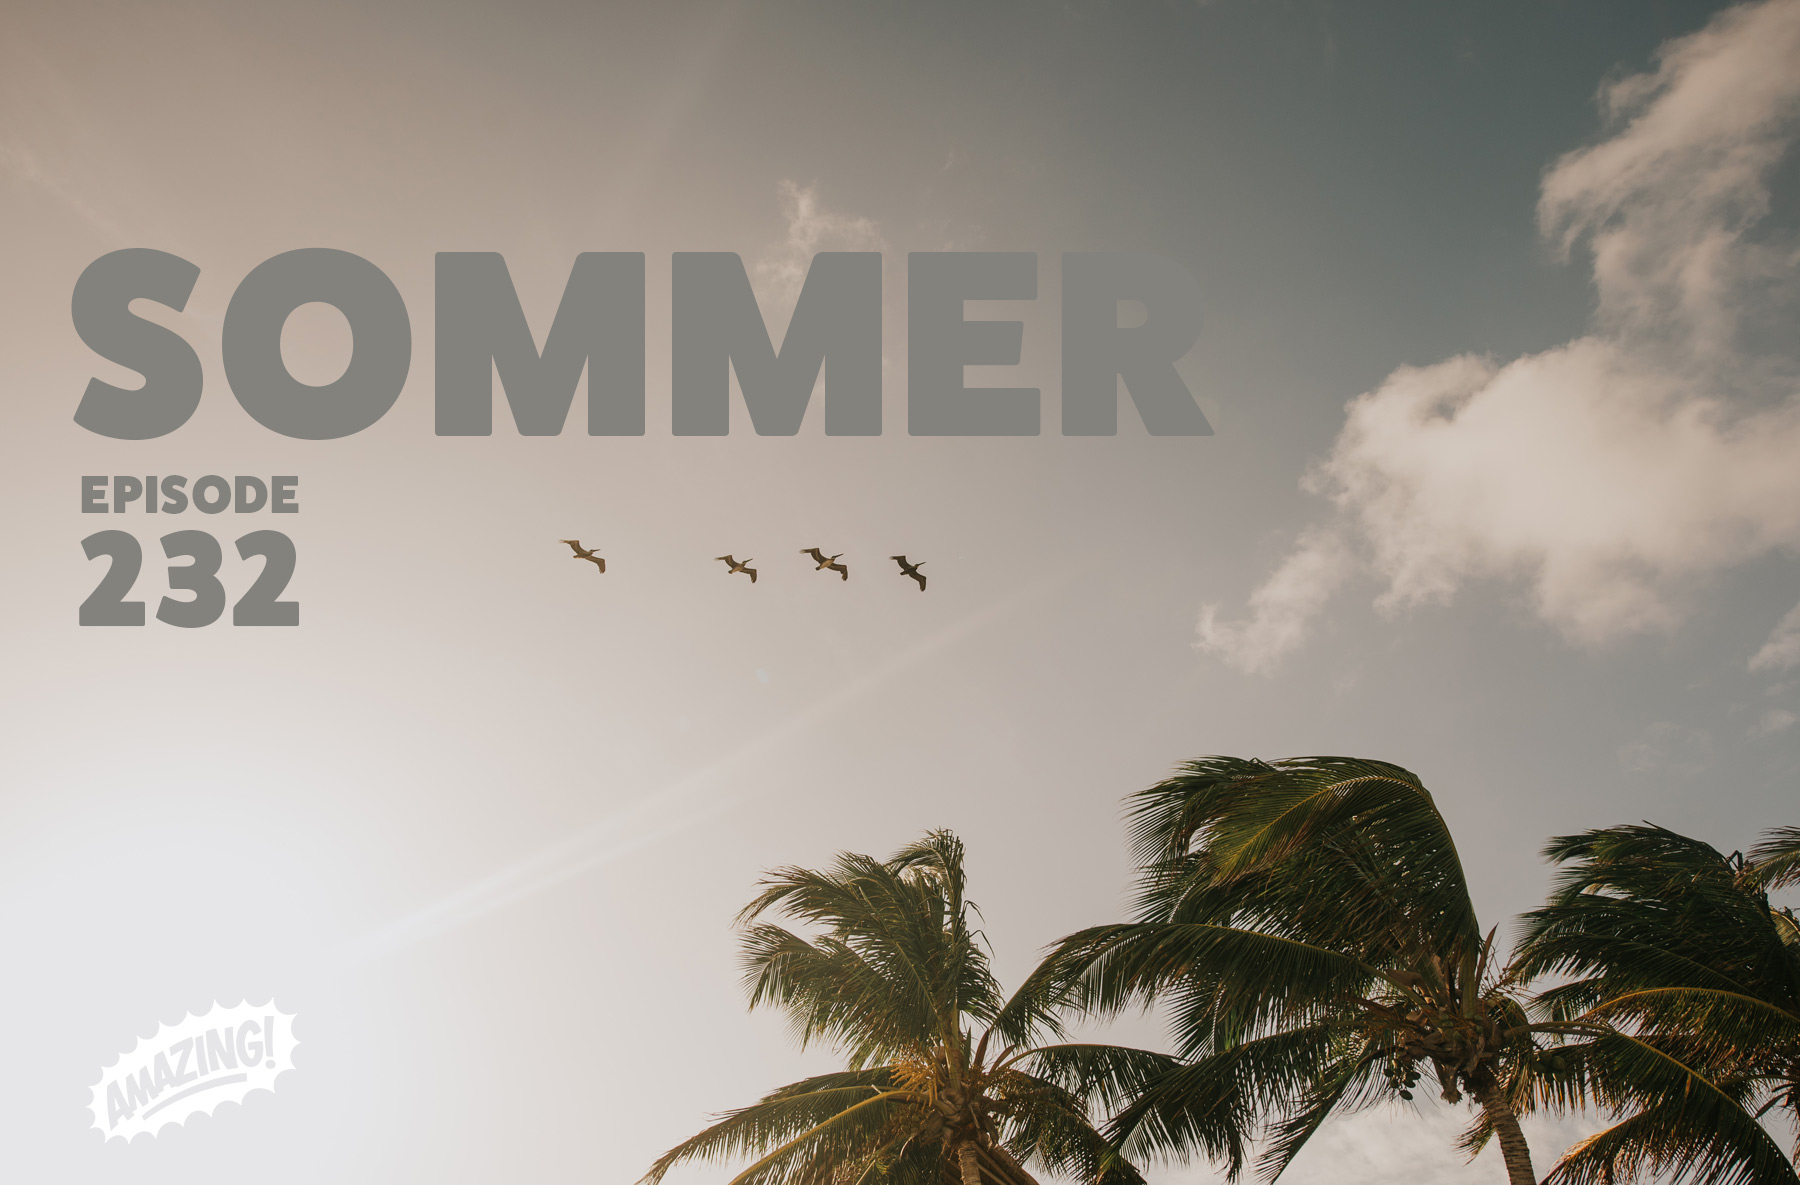 Episode 232 – Sommer